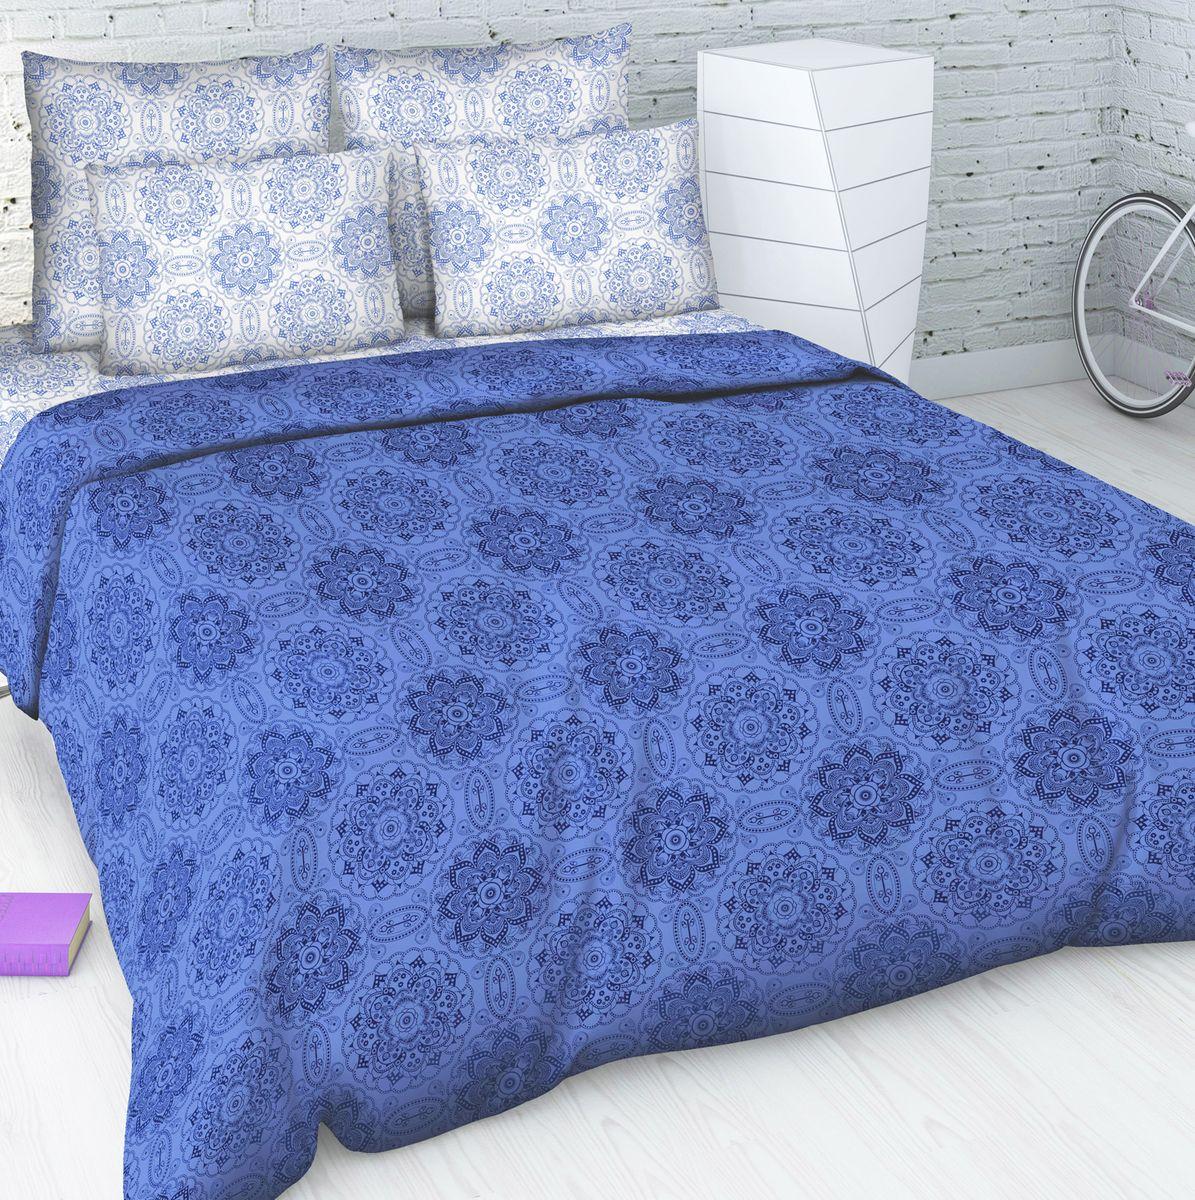 Комплект белья Василиса, 2-спальный, наволочки 70х70. 5061_1/25061_1/2Комплект постельного белья Василиса состоит из пододеяльника, простыни и двух наволочек. Белье производится из высококачественной бязи (100% хлопка).Использование особо тонкой пряжи делает ткань мягче на ощупь, обеспечивает легкое глажение и позволяет передать всю насыщенность цветовой гаммы. Благодаря более плотному переплетению нитей и использованию высококачественных импортных красителей постельное белье выдерживает до 70 стирок.Приобретая комплект постельного белья Василиса, вы можете быть уверены в том, что покупка доставит вам удовольствие и подарит максимальный комфорт.Советы по выбору постельного белья от блогера Ирины Соковых. Статья OZON Гид